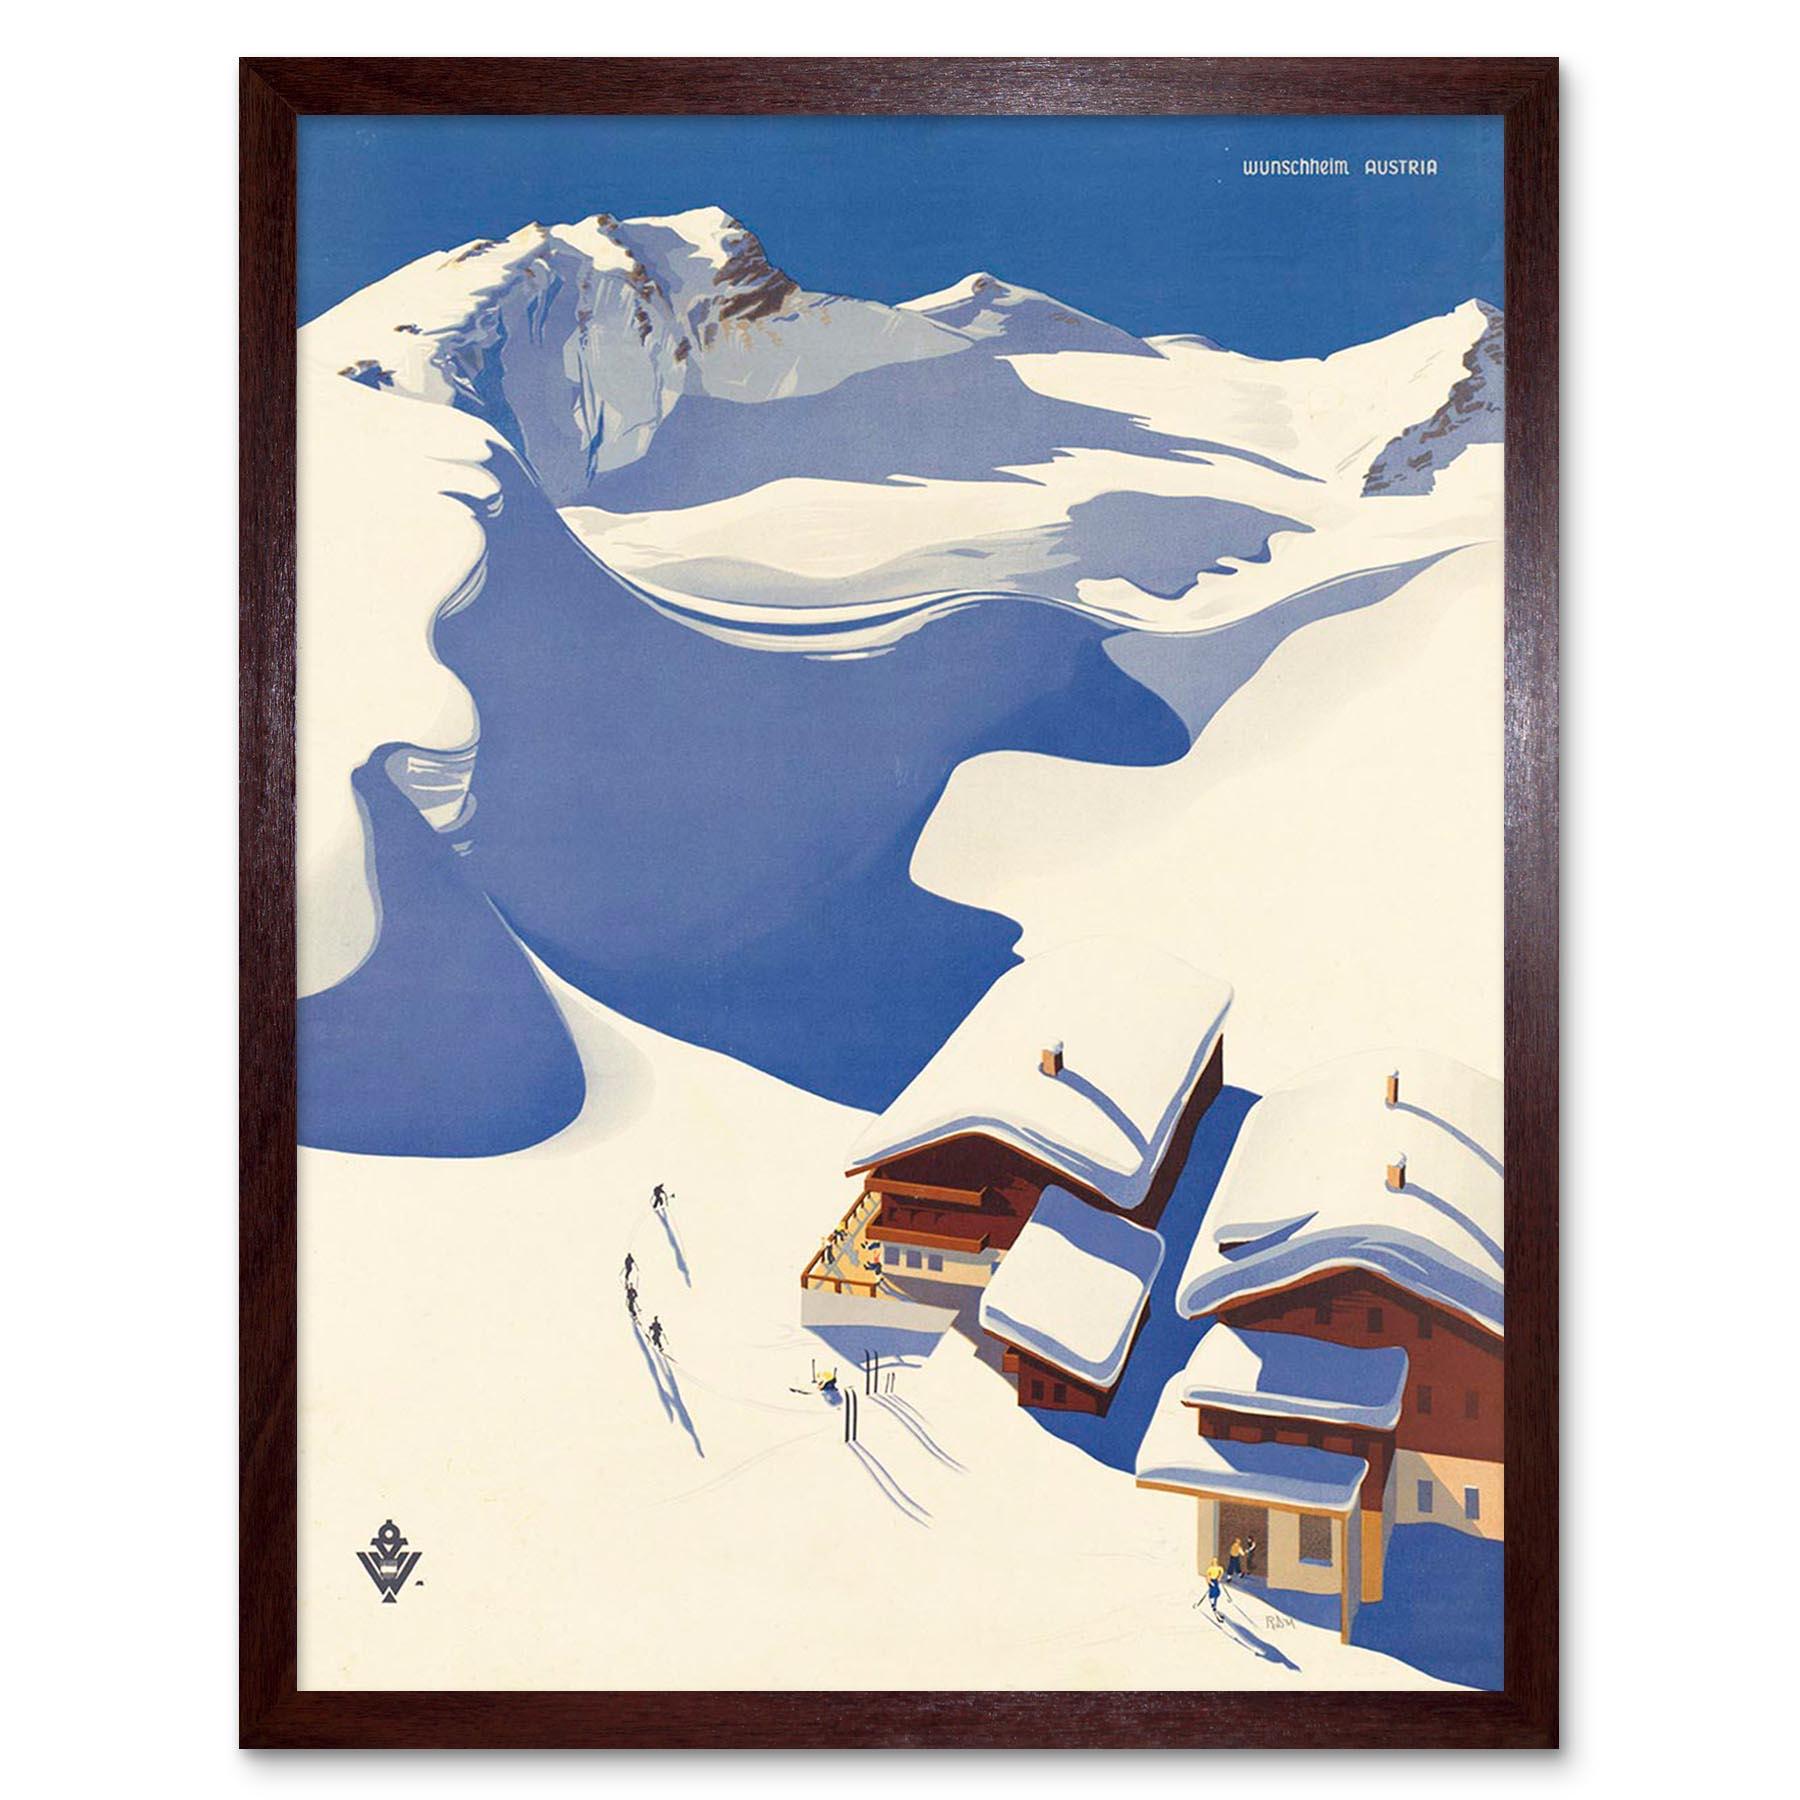 Viaje Deporte de Invierno Nieve Esquí chalet Alpes Austria 12X16 pulgadas impresión arte enmarcado